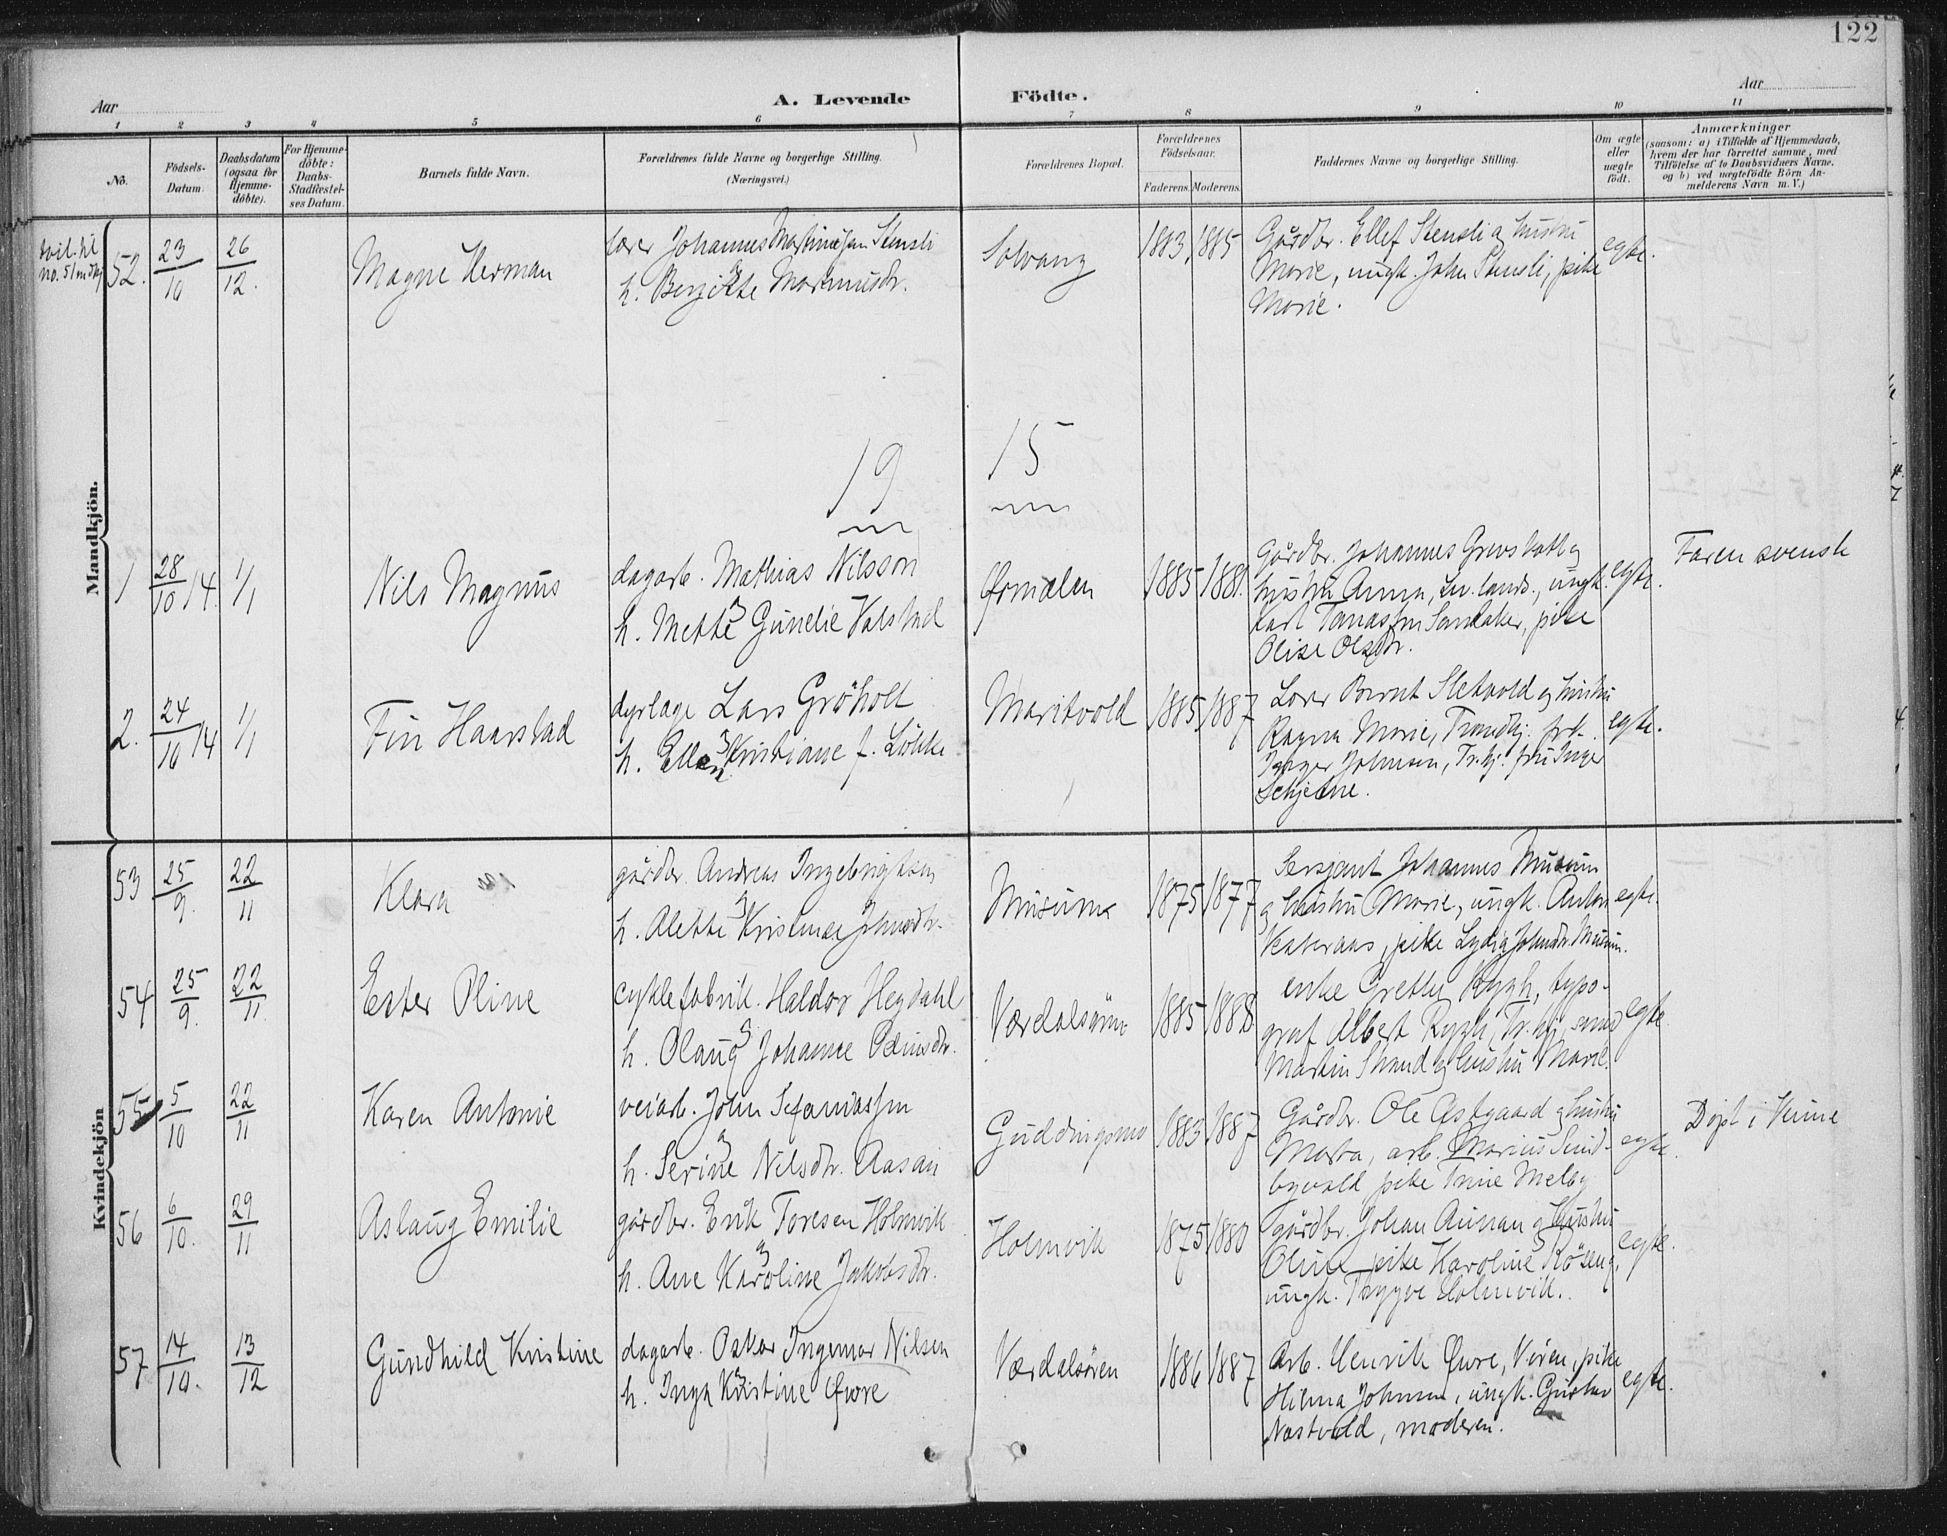 SAT, Ministerialprotokoller, klokkerbøker og fødselsregistre - Nord-Trøndelag, 723/L0246: Ministerialbok nr. 723A15, 1900-1917, s. 122